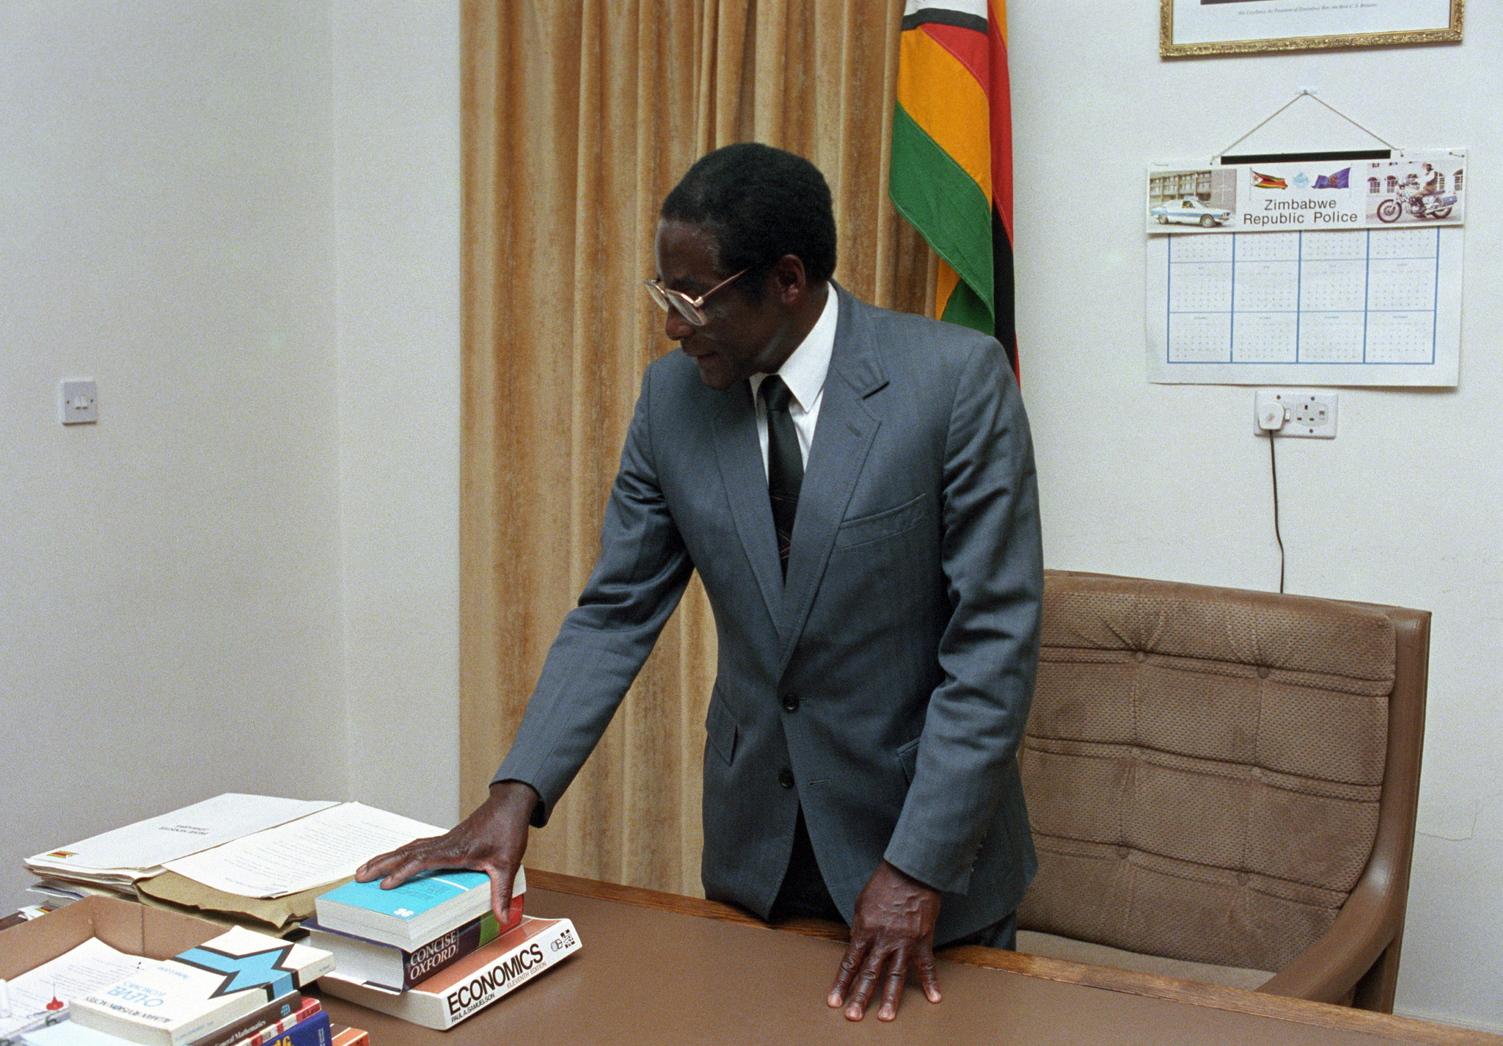 Harare, 1985. október 3. Robert Mugabe miniszterelnök irodájában. A Zimbabwei Köztársaság elnöke Losonczi Pállal, az Elnöki Tanács elnökével találkozott október 3-án. A magyar vezető hivatalos baráti látogatáson tartózkodik Zimbabwéban. MTI Fotó: Szebellédy Géza